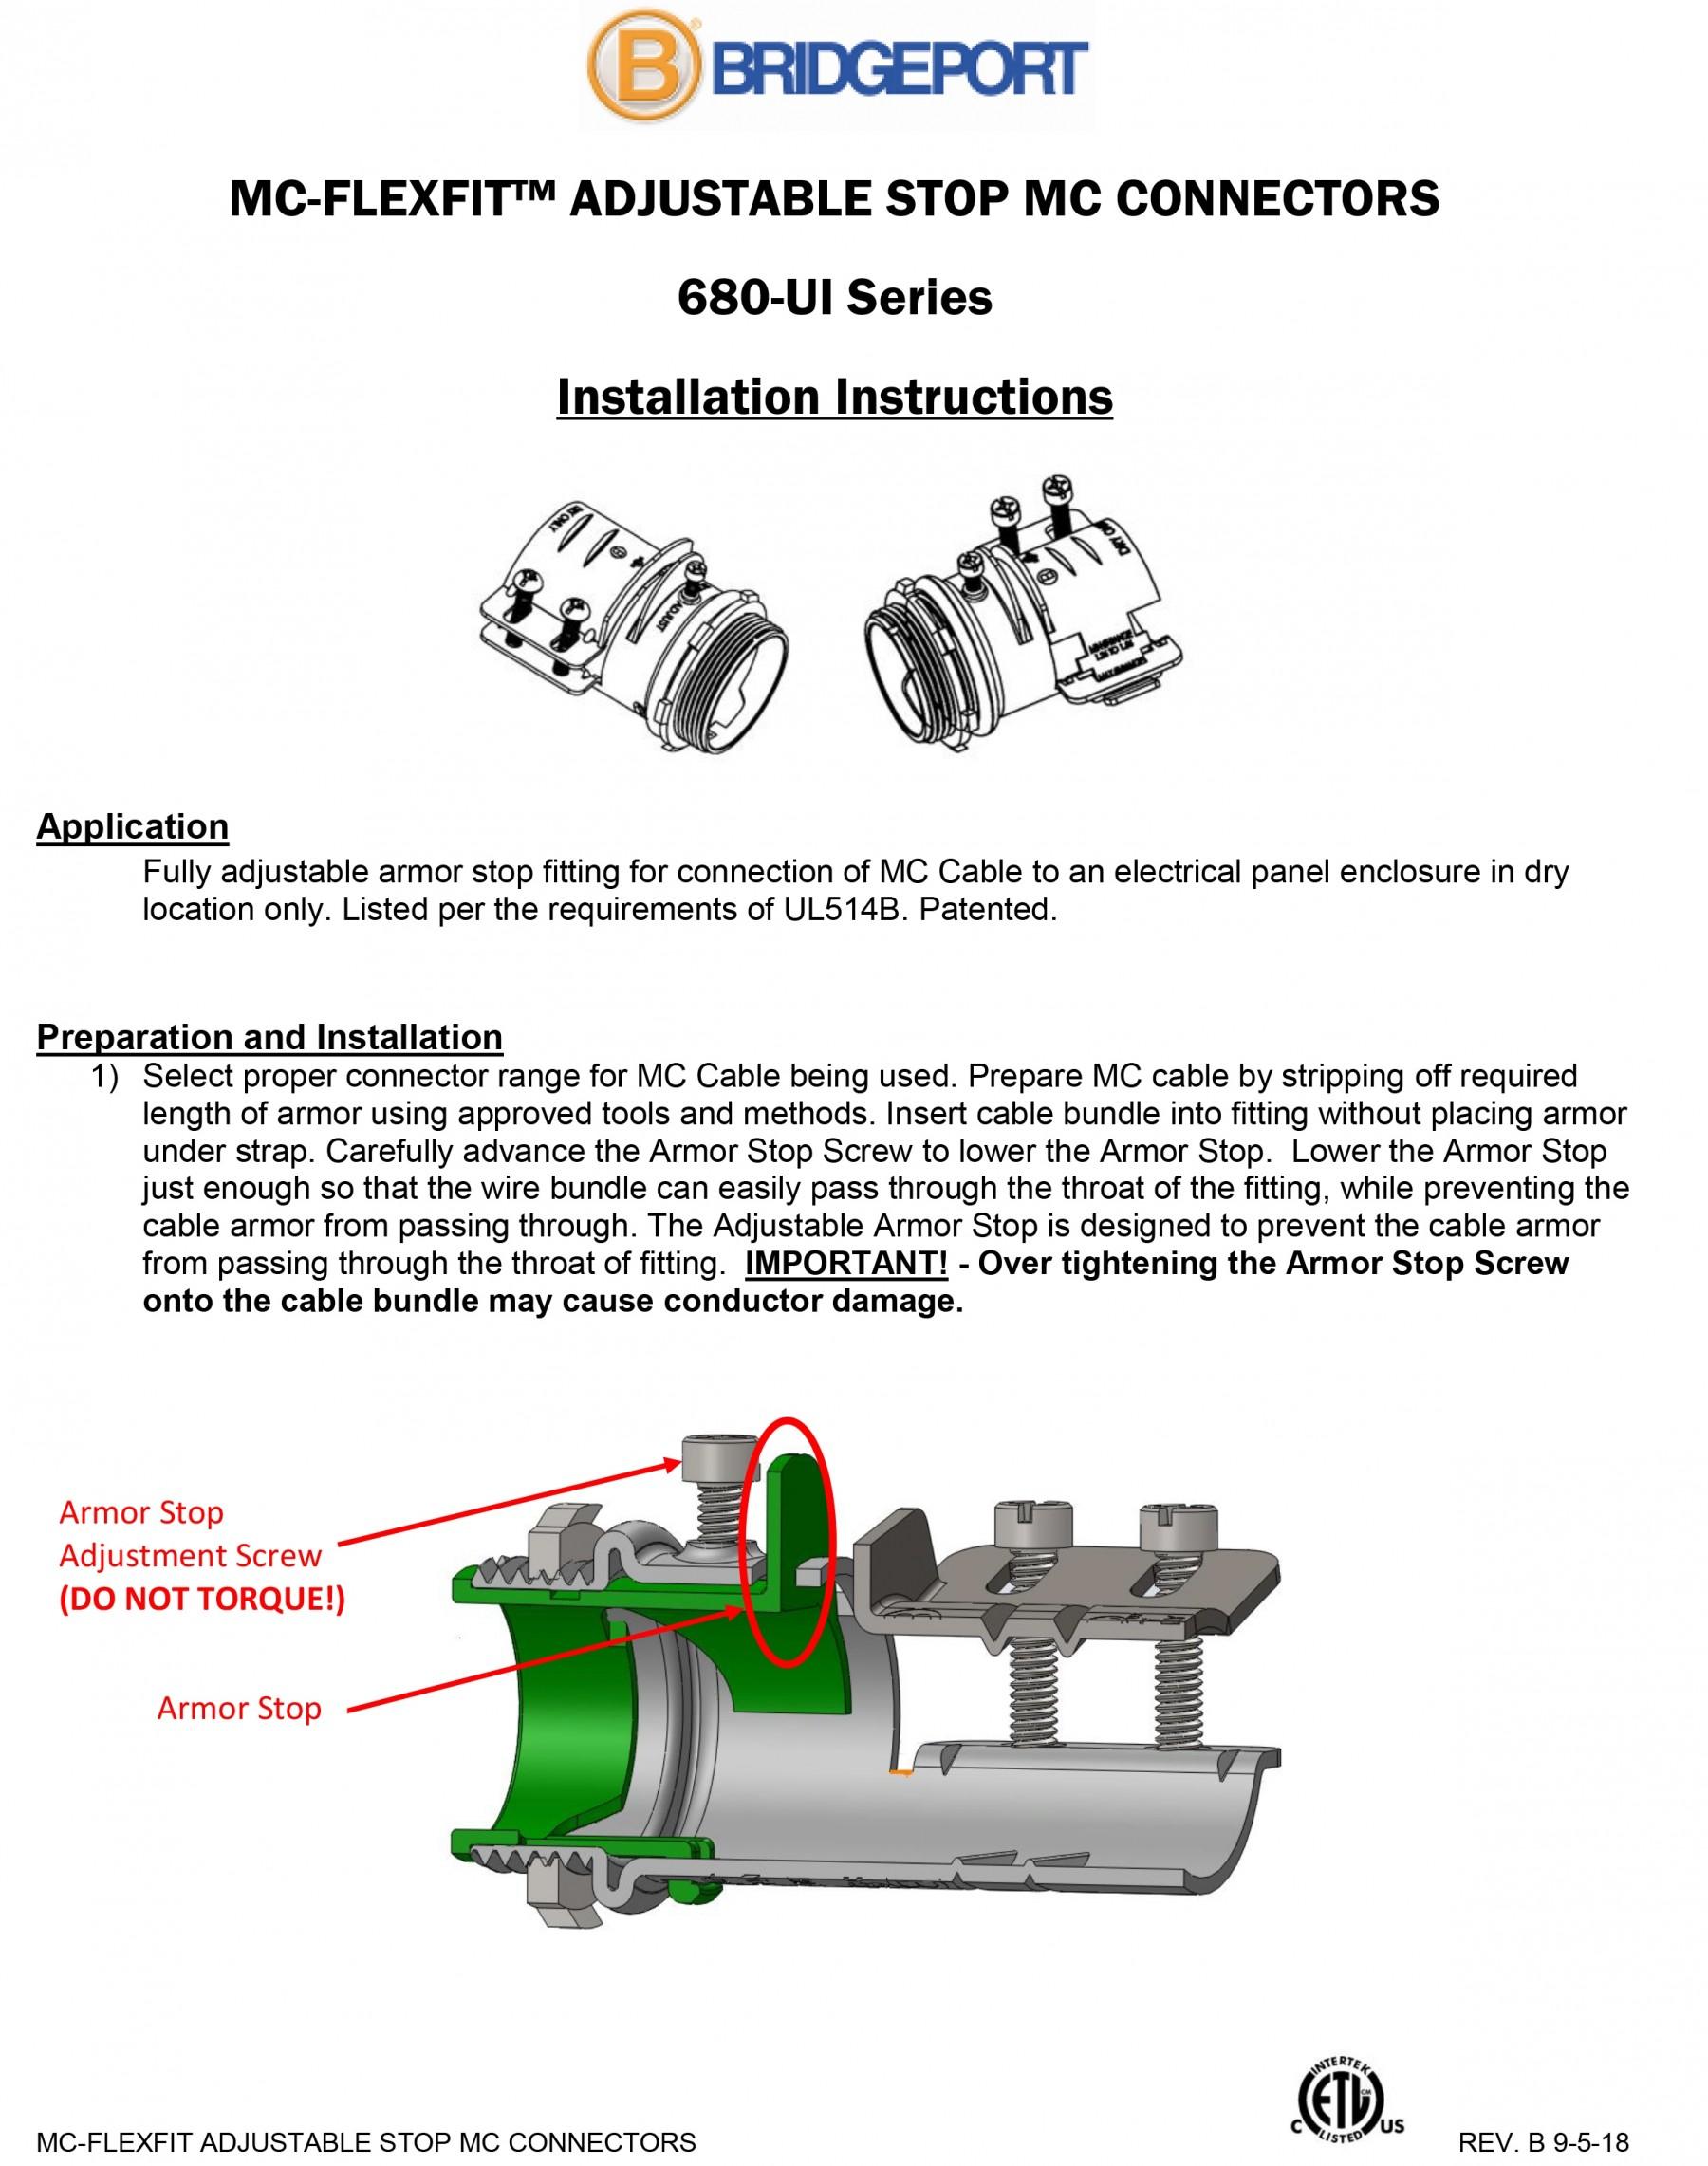 Connector, MC-FLEXFIT™, Adjustable Endstop, MC Feeder Cable, Two Screw-5